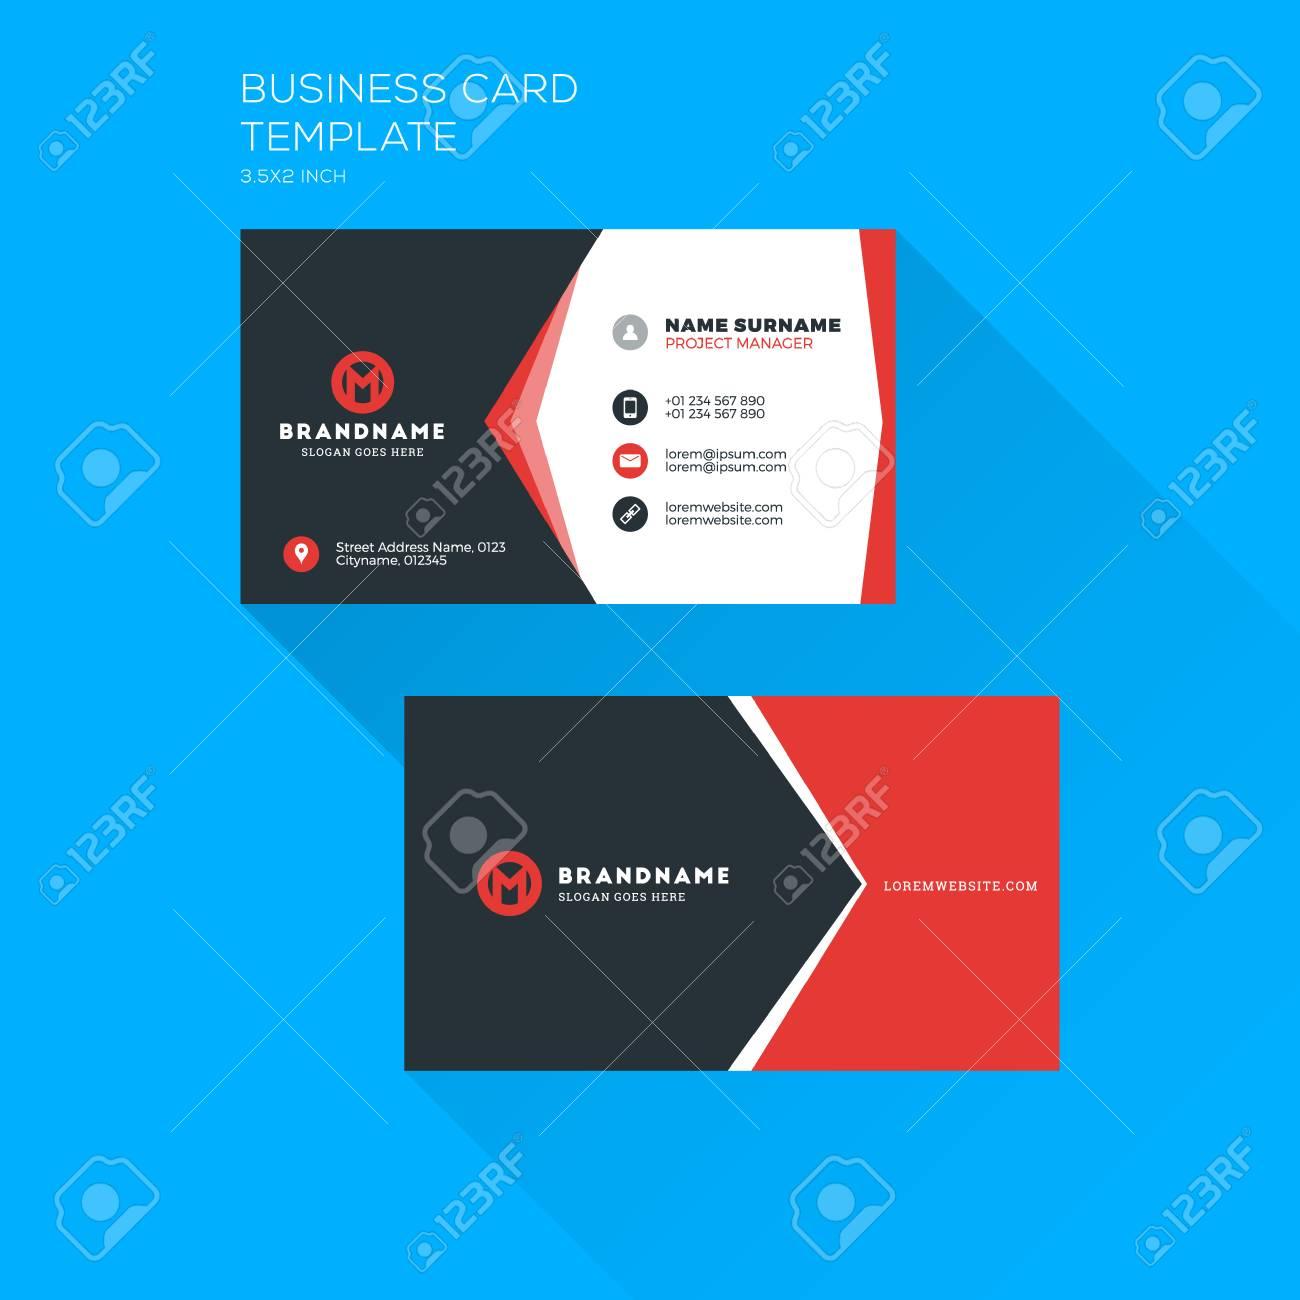 Modele D Impression De Carte De Visite Corporative Carte De Visite